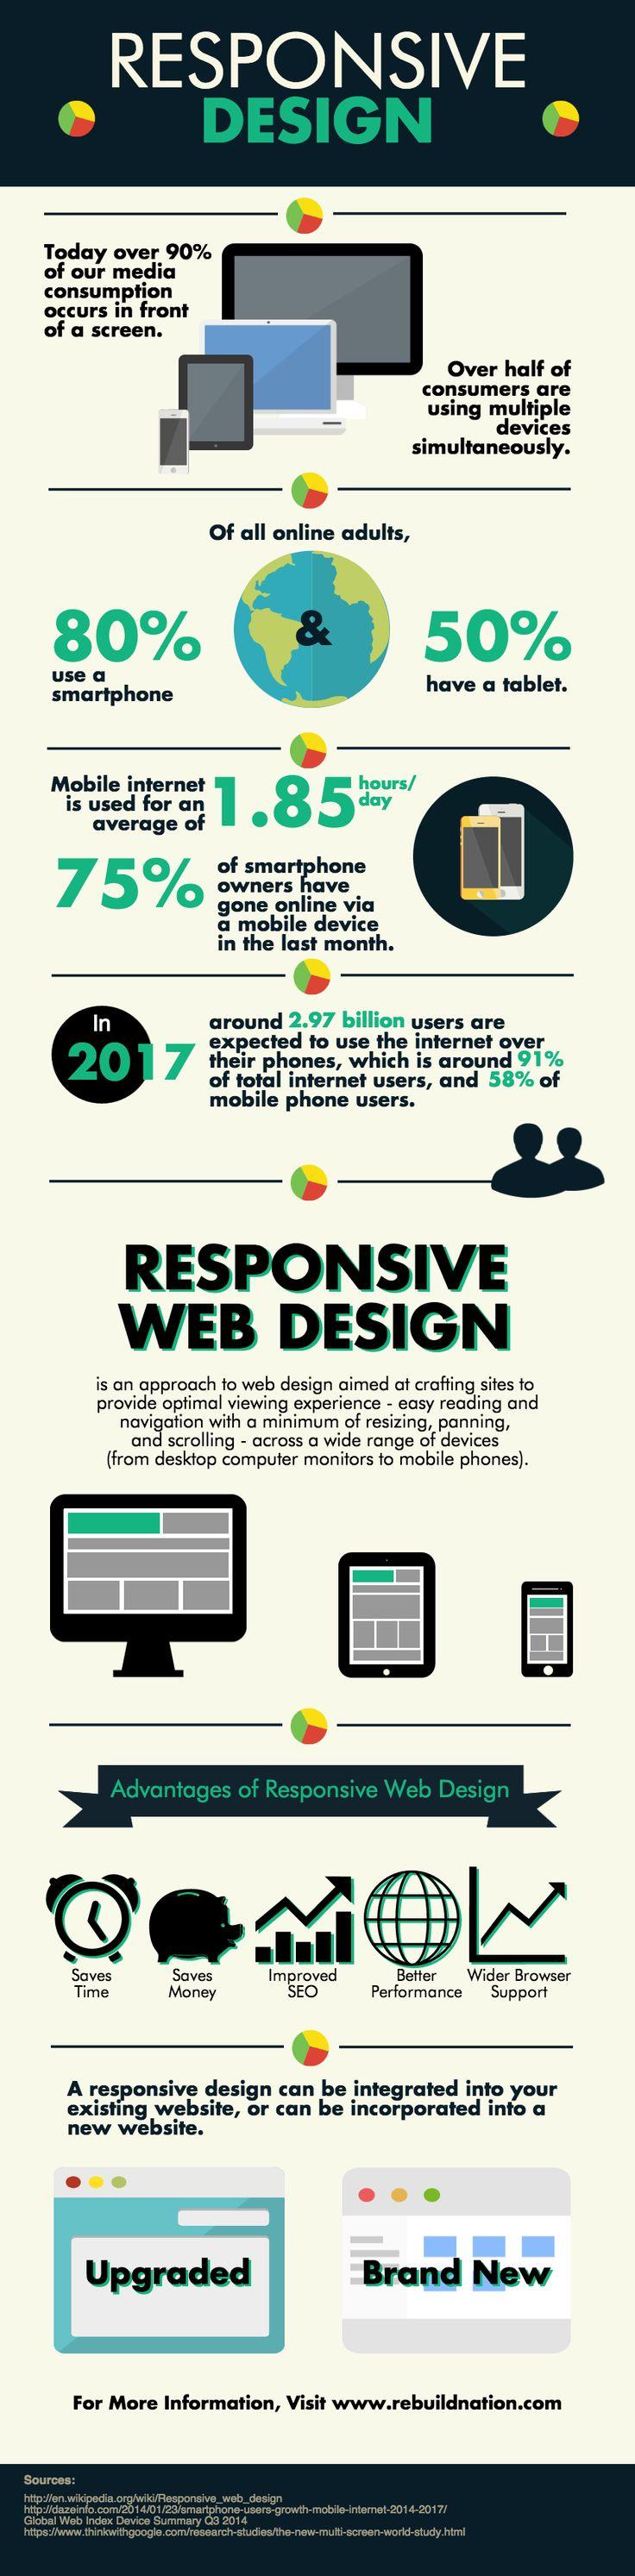 Infográfico: Por que o design responsivo em mobile deve ser uma das principais prioridades para as marcas.